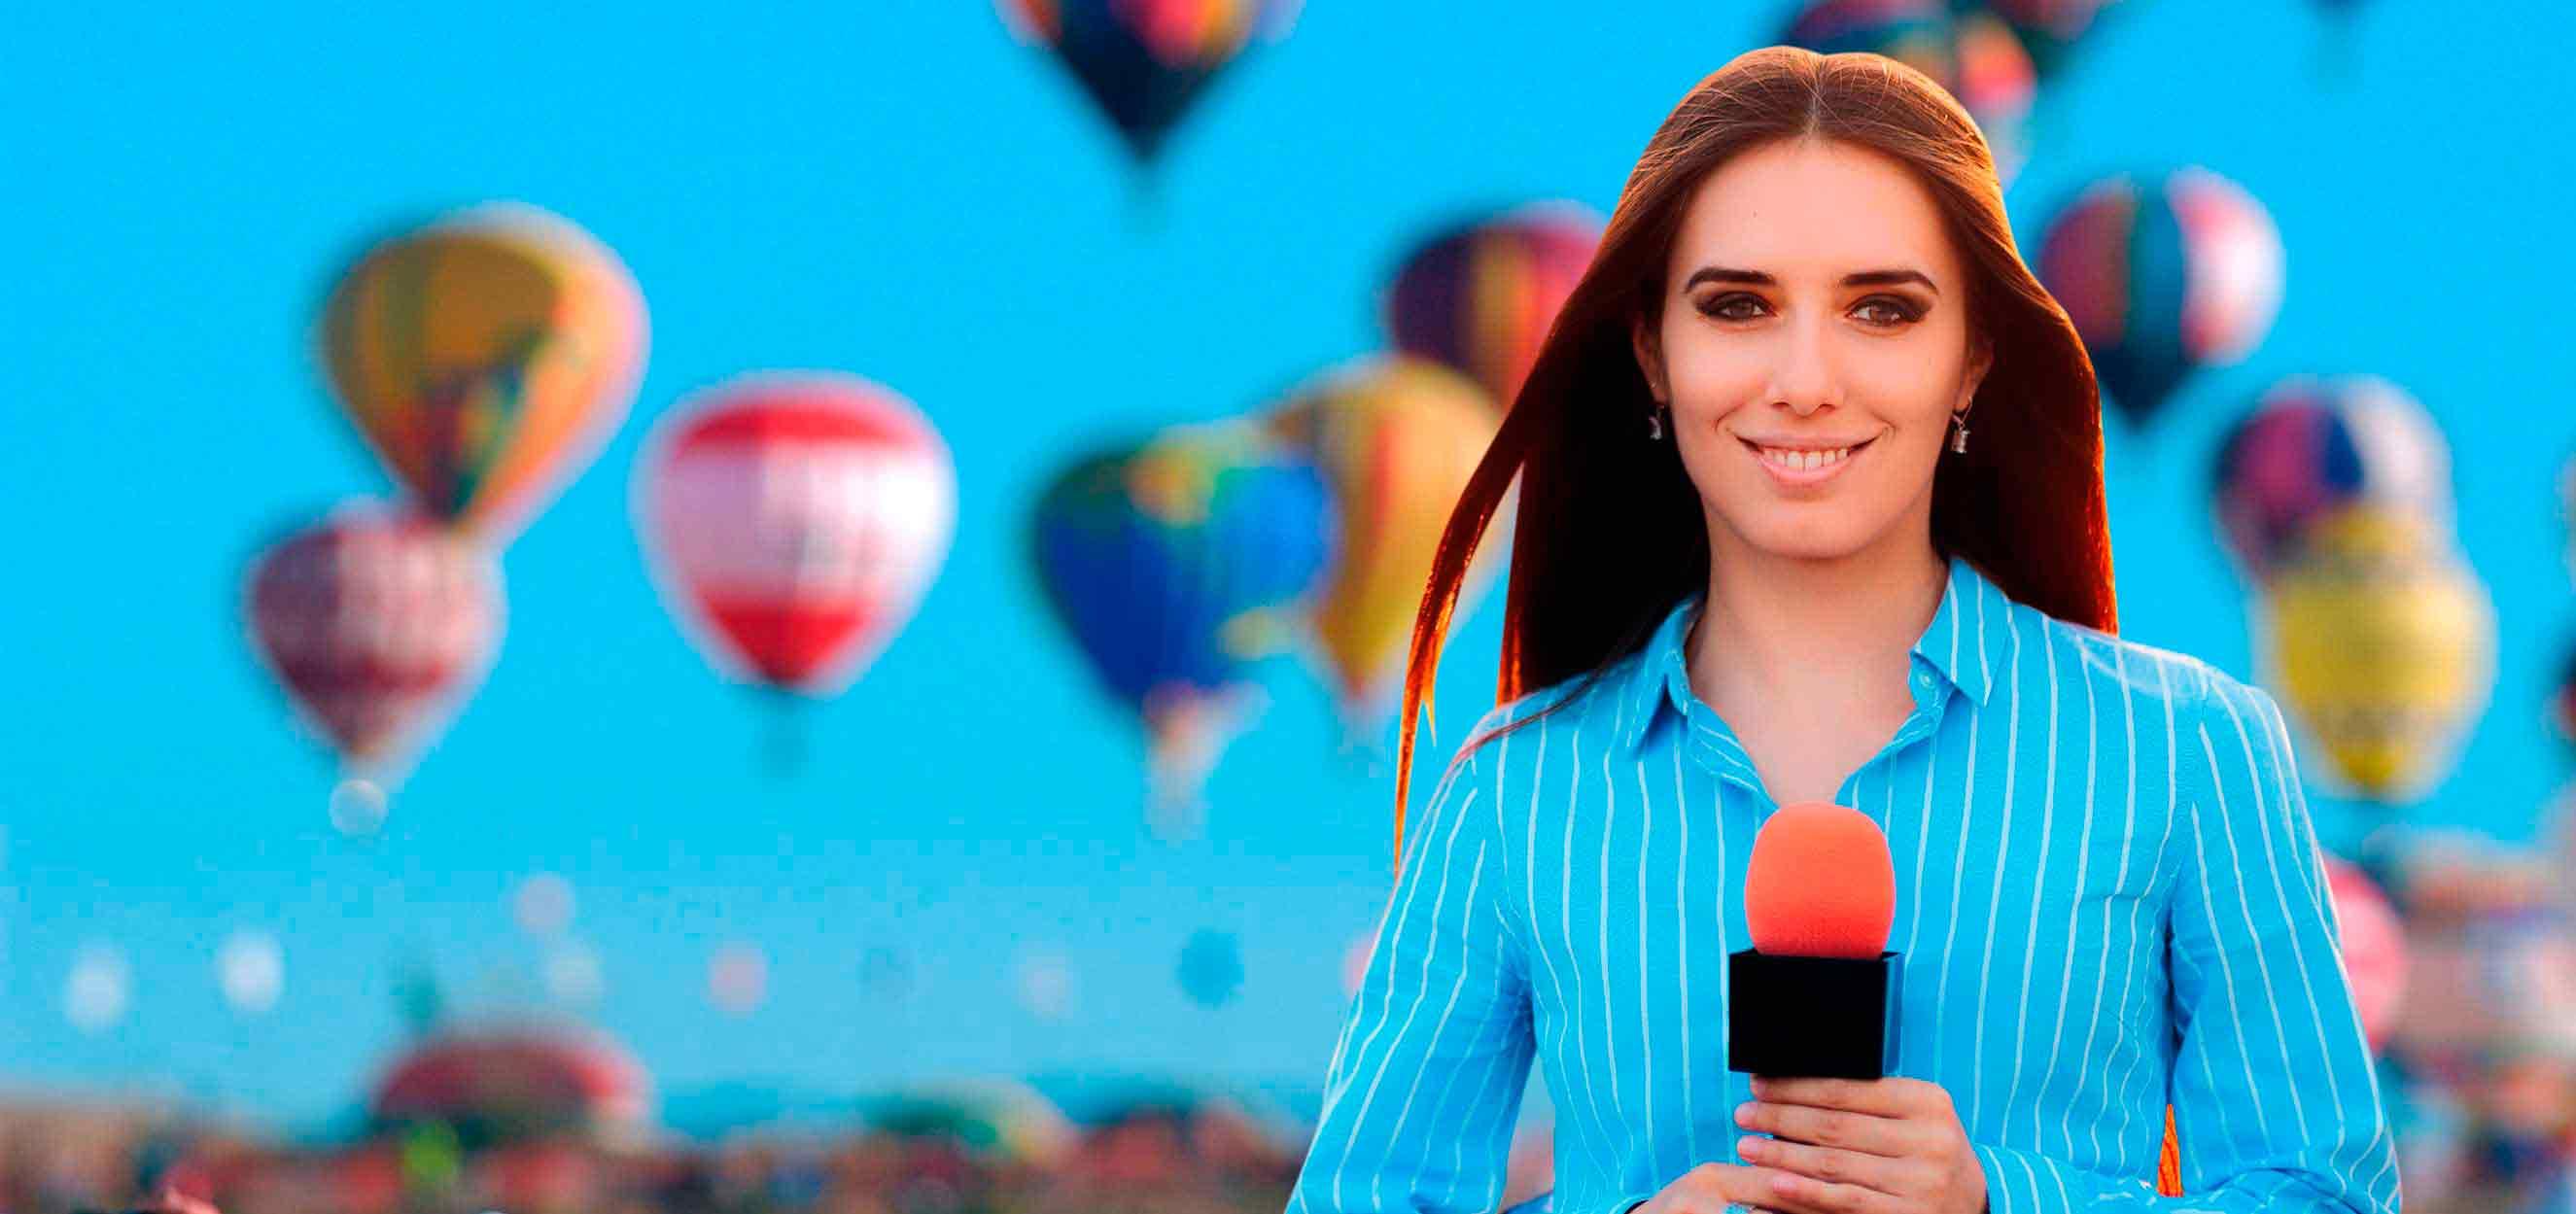 periodista cubriendo el evento de globos RIG